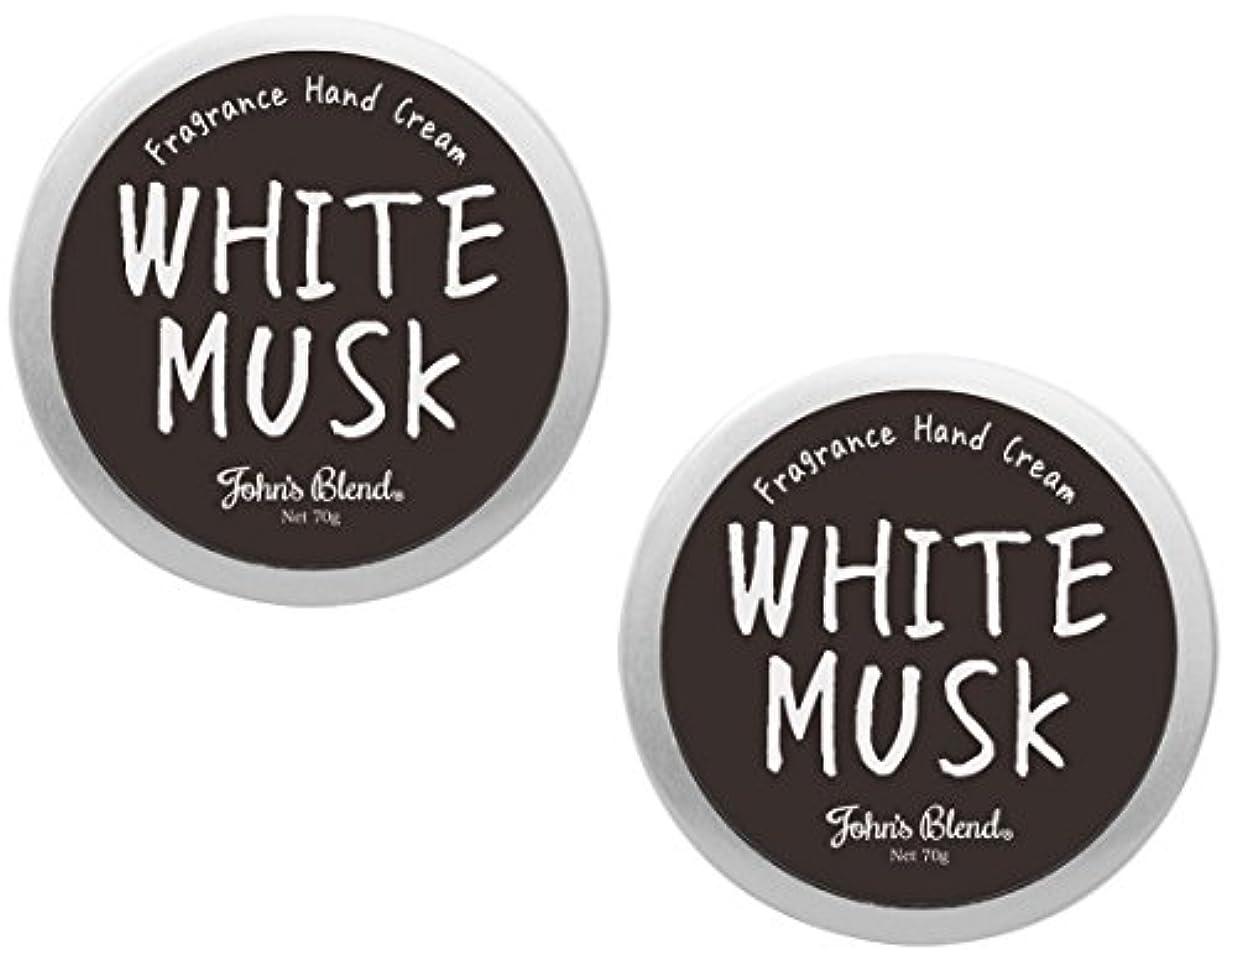 独特の環境に優しい褐色【2個セット】Johns Blend ハンドクリーム 70g ホワイトムスク の香り OZ-JOD-1-1